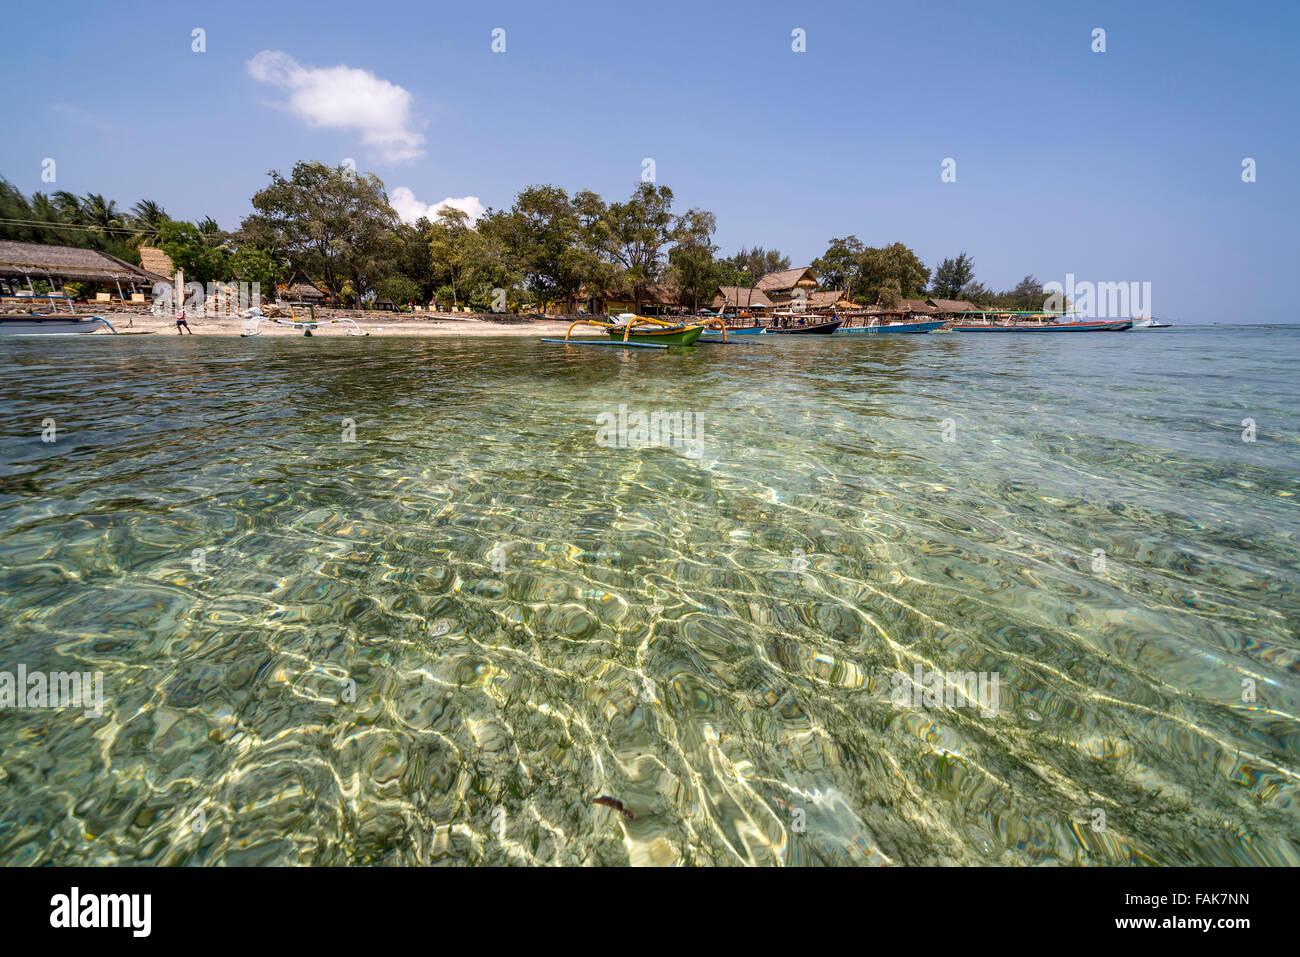 Plage sur la petite île de Gili Air, Lombok, Indonésie, Asie Photo Stock